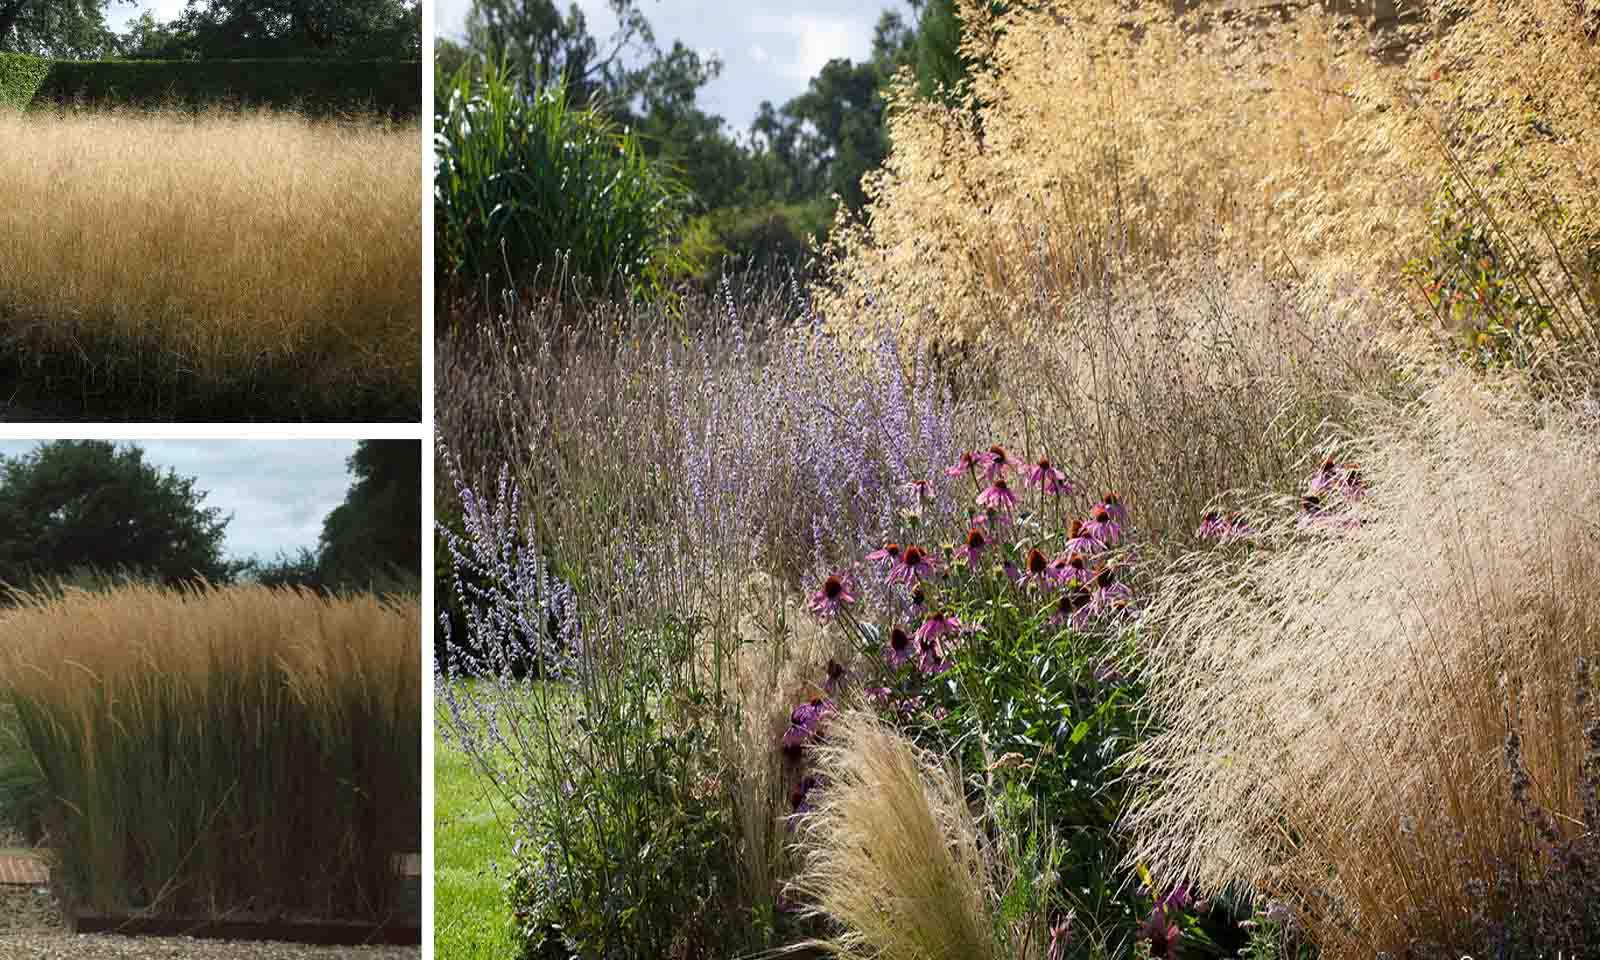 Deschampsia Cespitosa Goldtau (Tufted Hair Grass Goldtau)